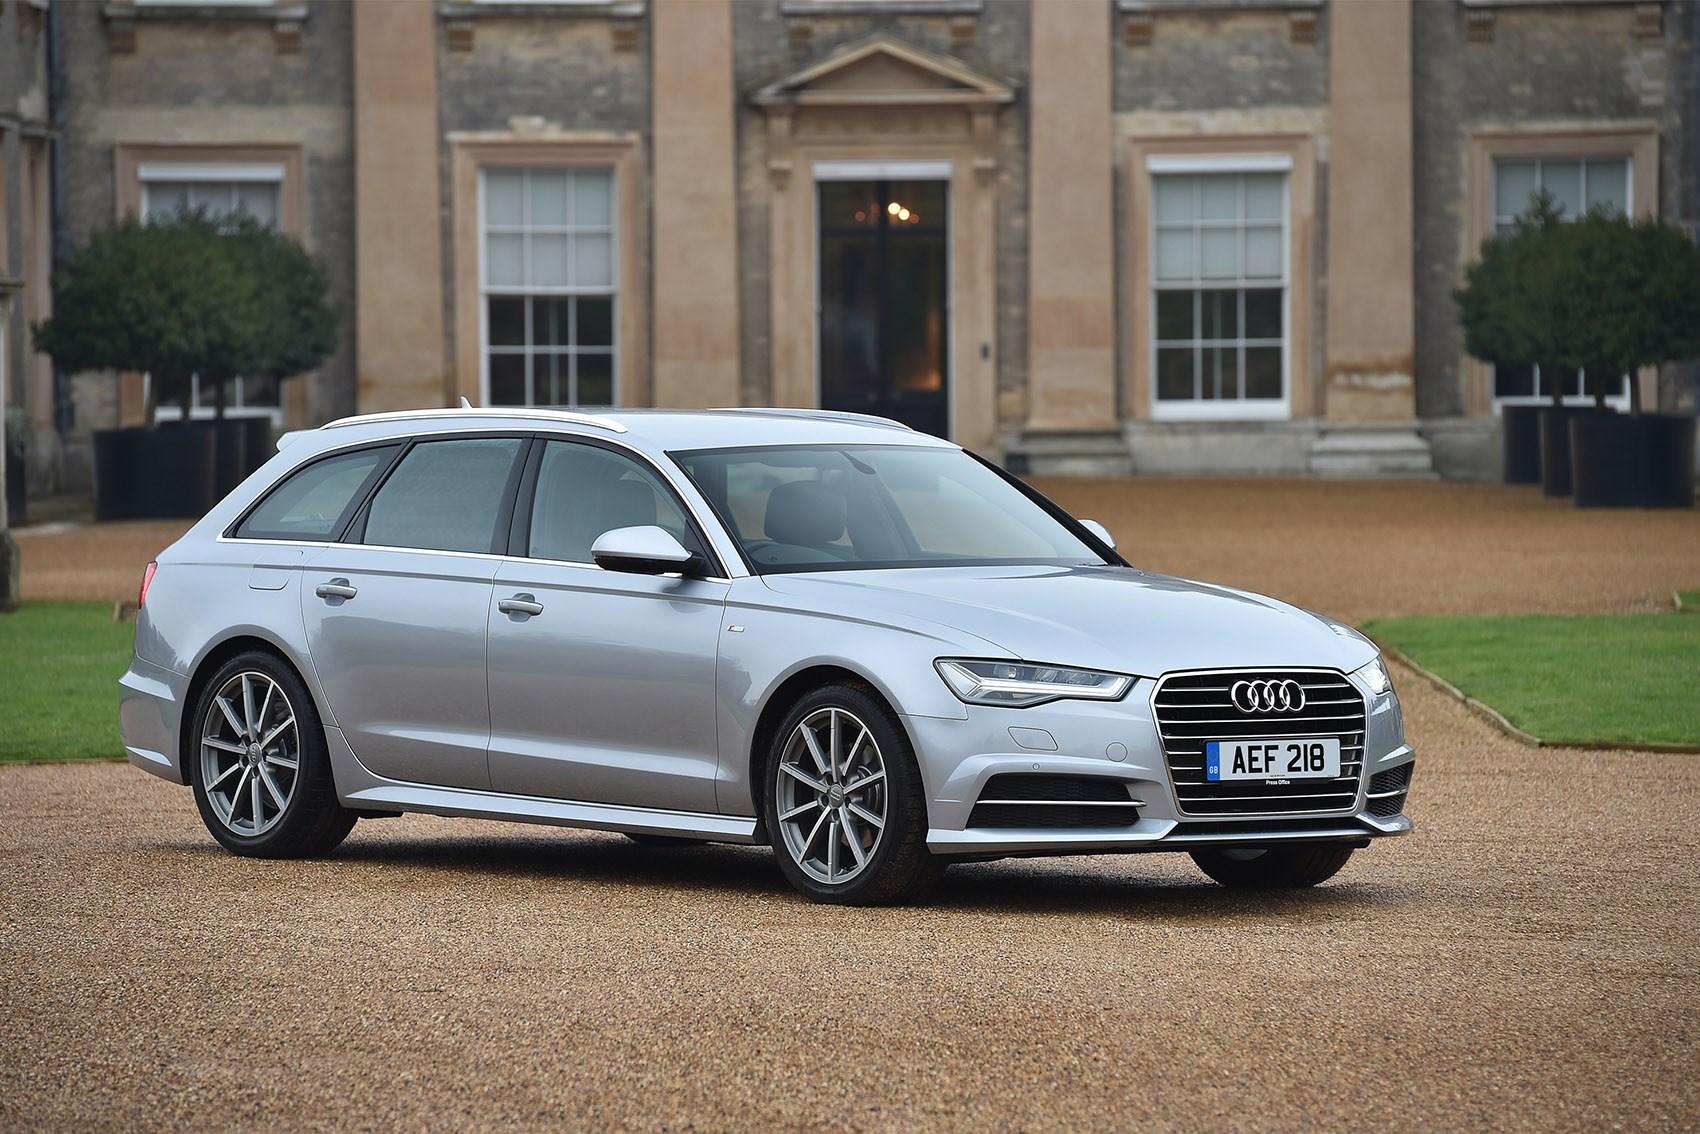 Audi A6 Avant - best estates for golfers